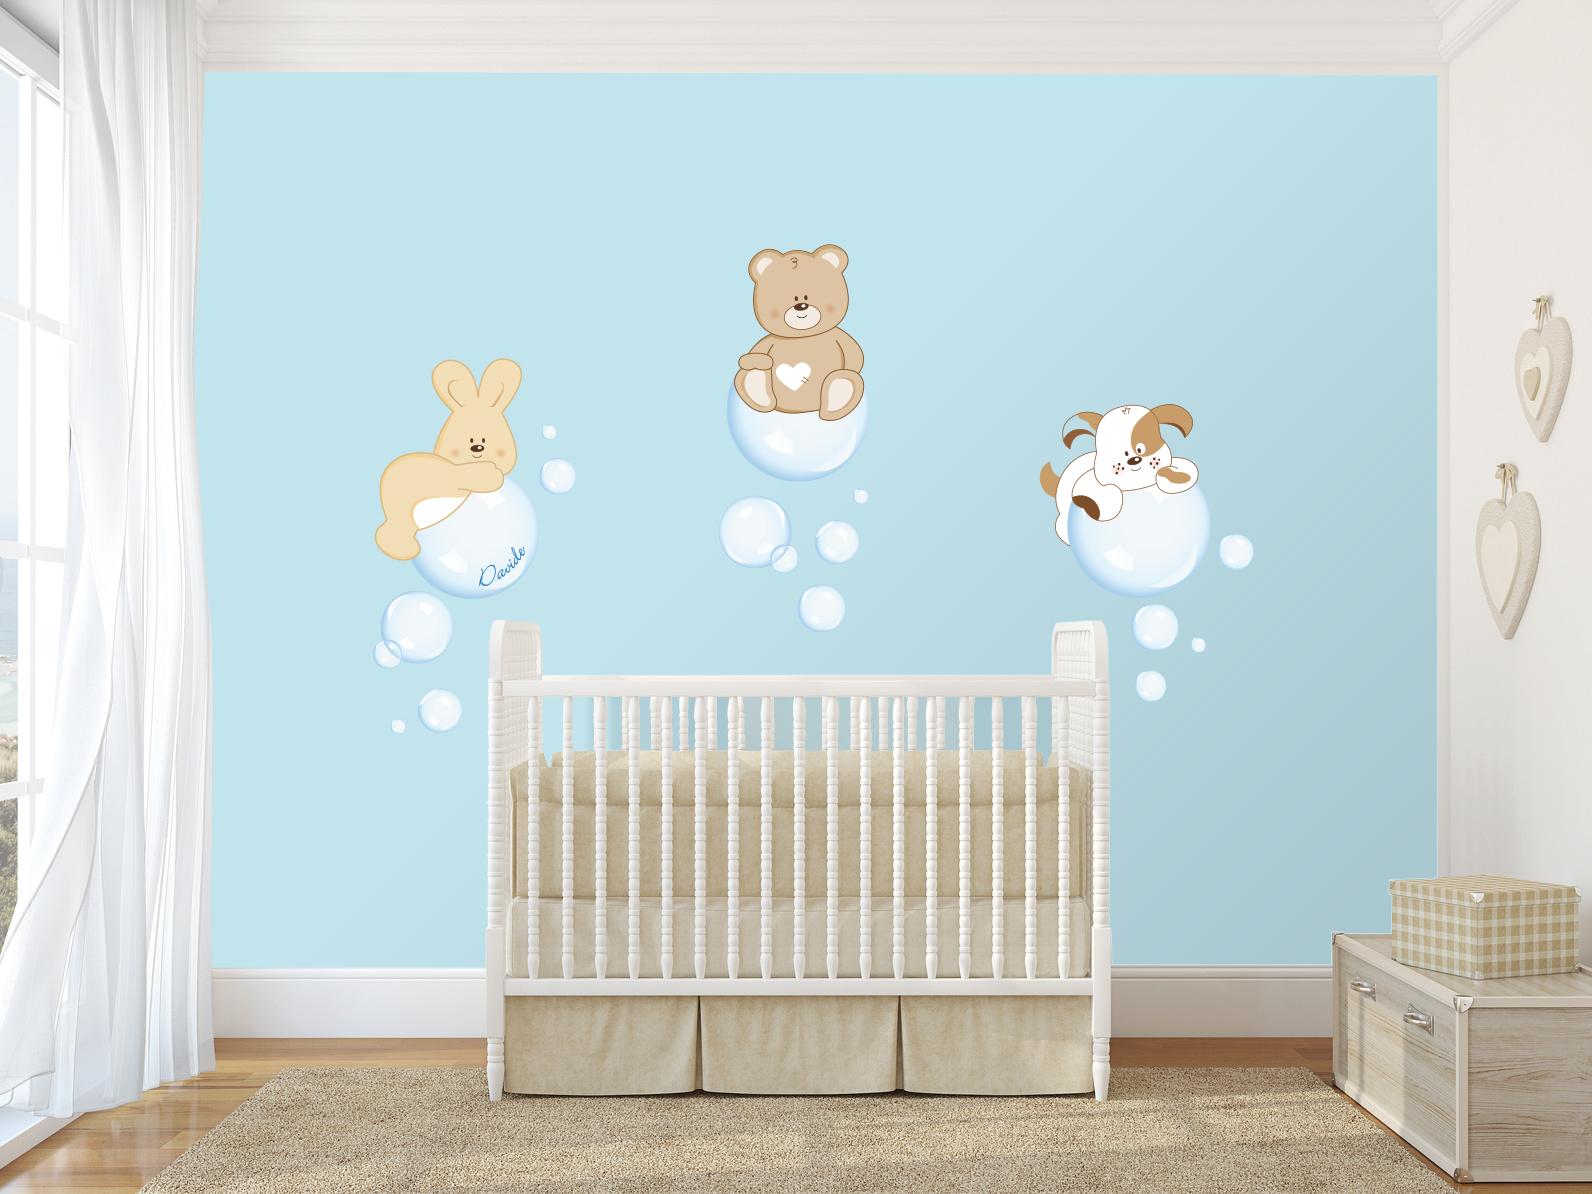 Decorazioni per cameretta dei bambini: decorazioni a muro per la ...